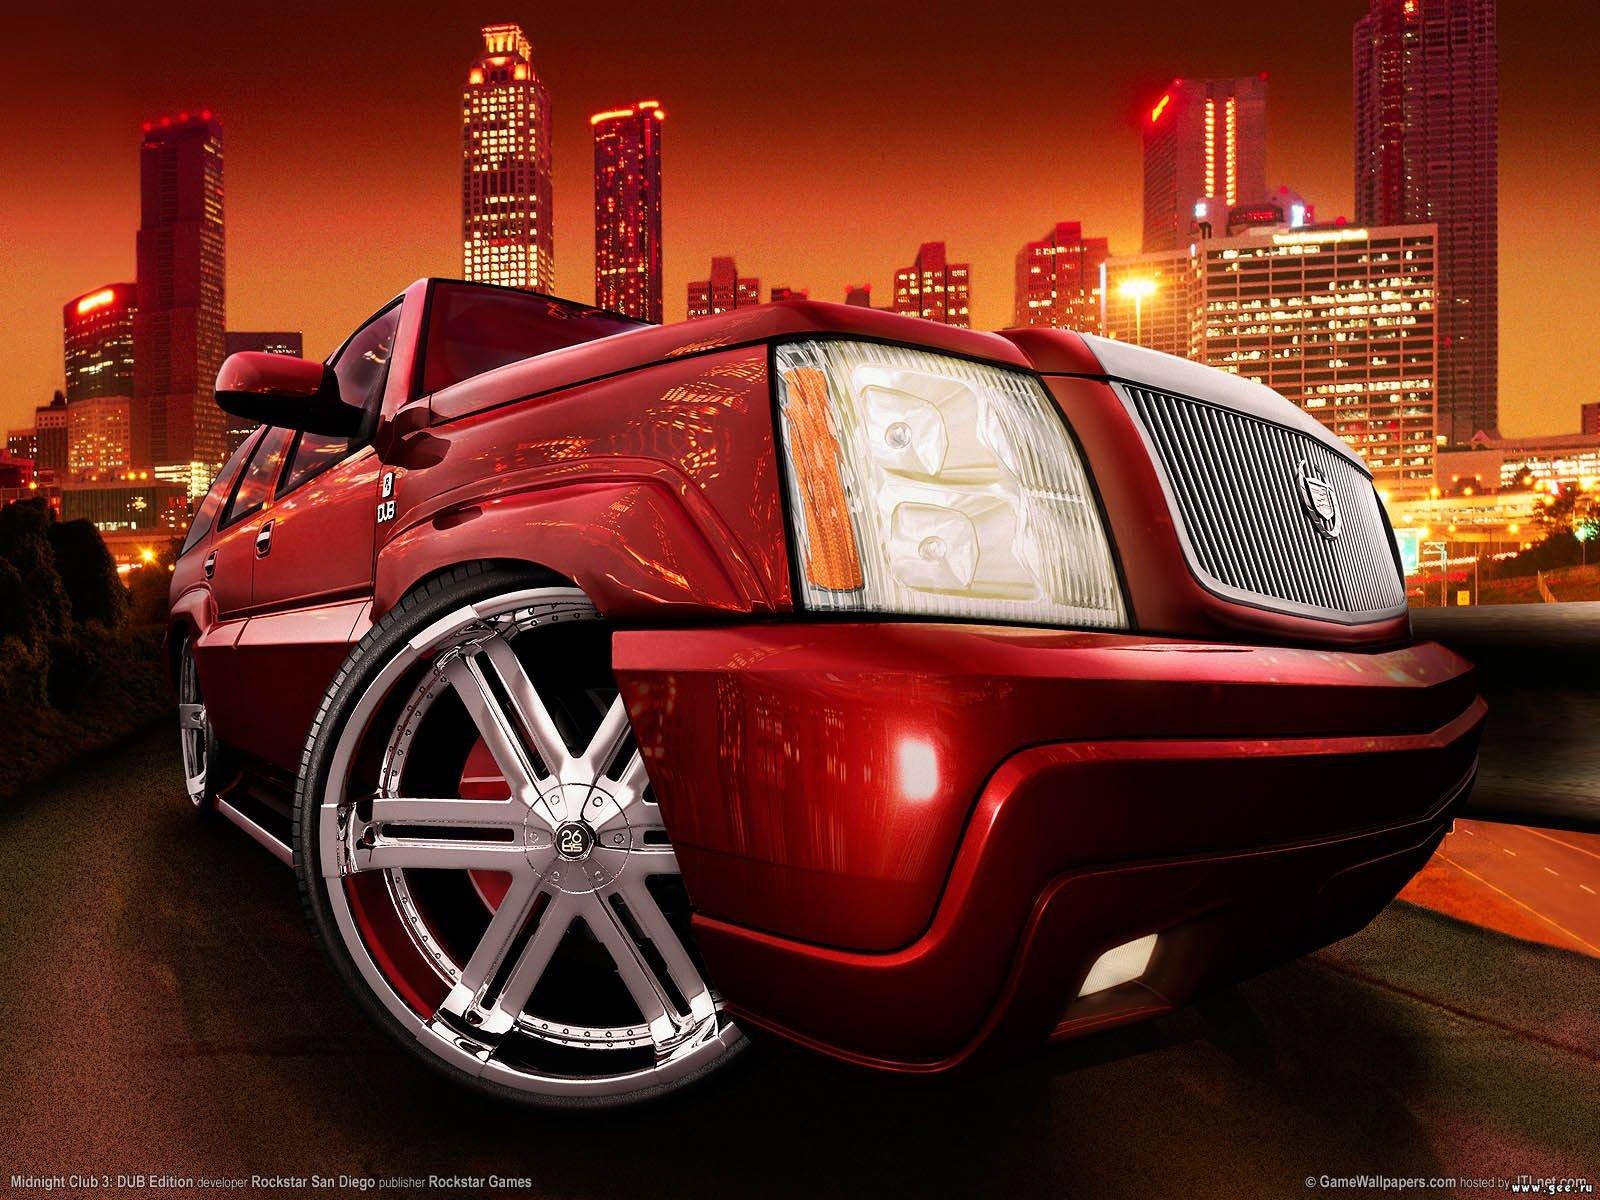 http://1.bp.blogspot.com/_P6ZEYtADopA/Sw0U4QlU66I/AAAAAAAAAMU/upiVsAQyy_c/s1600/Cadillac-escalade-wallpaper_1600x1200.jpg